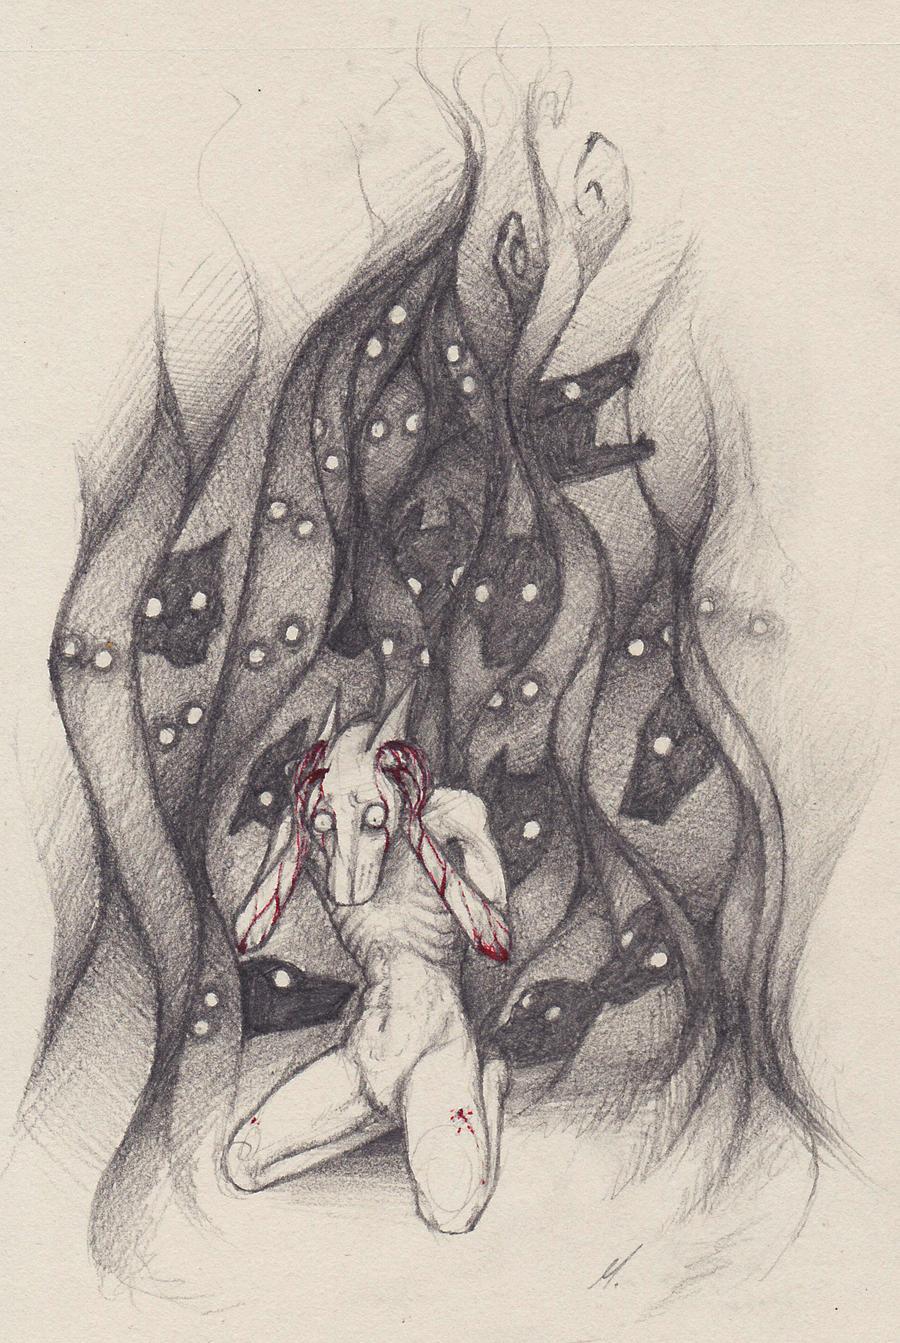 Schizophrenic by Mayka94 on DeviantArt